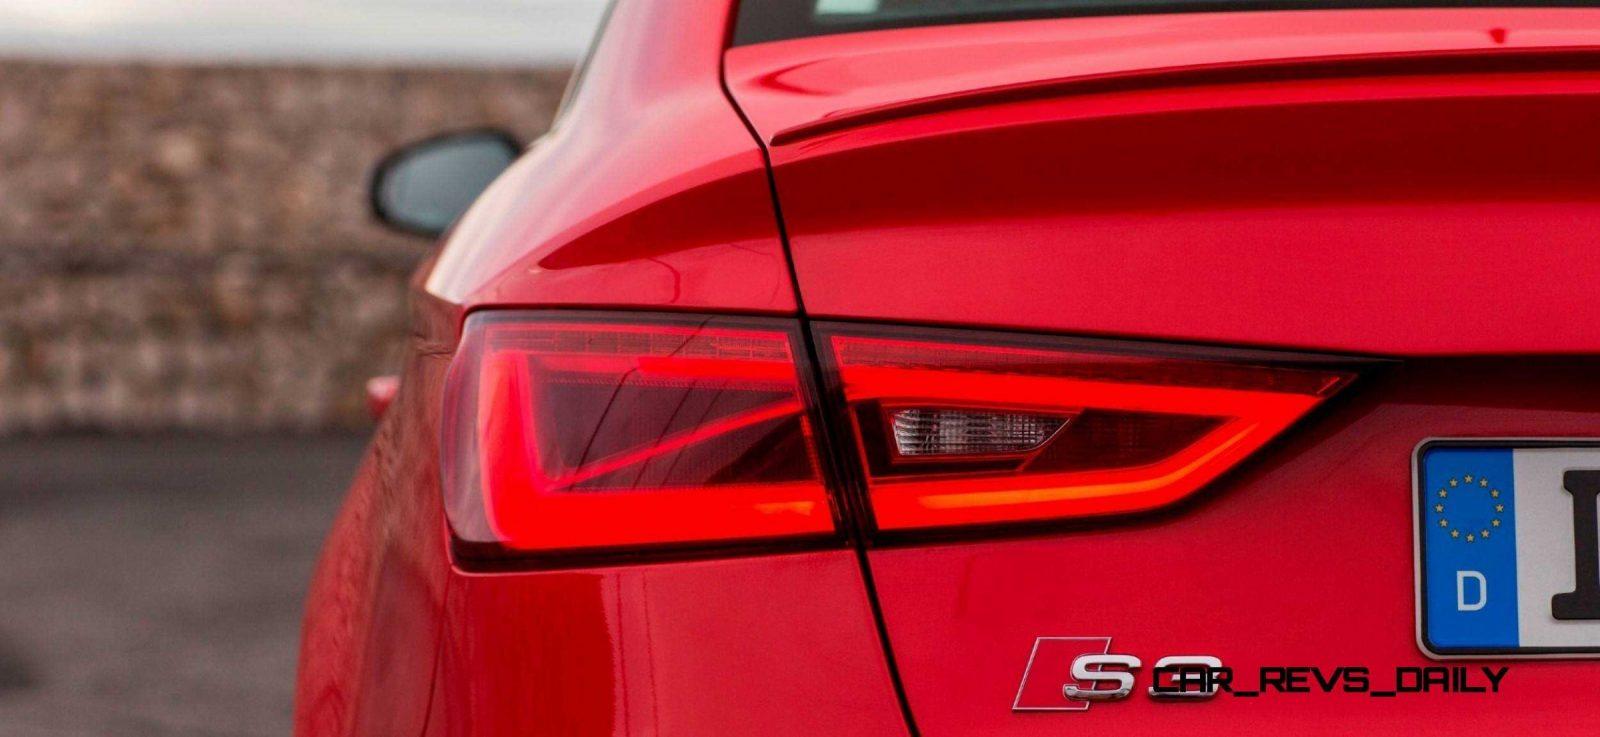 CarRevsDaily - 2015 Audi S3 Exterior 33